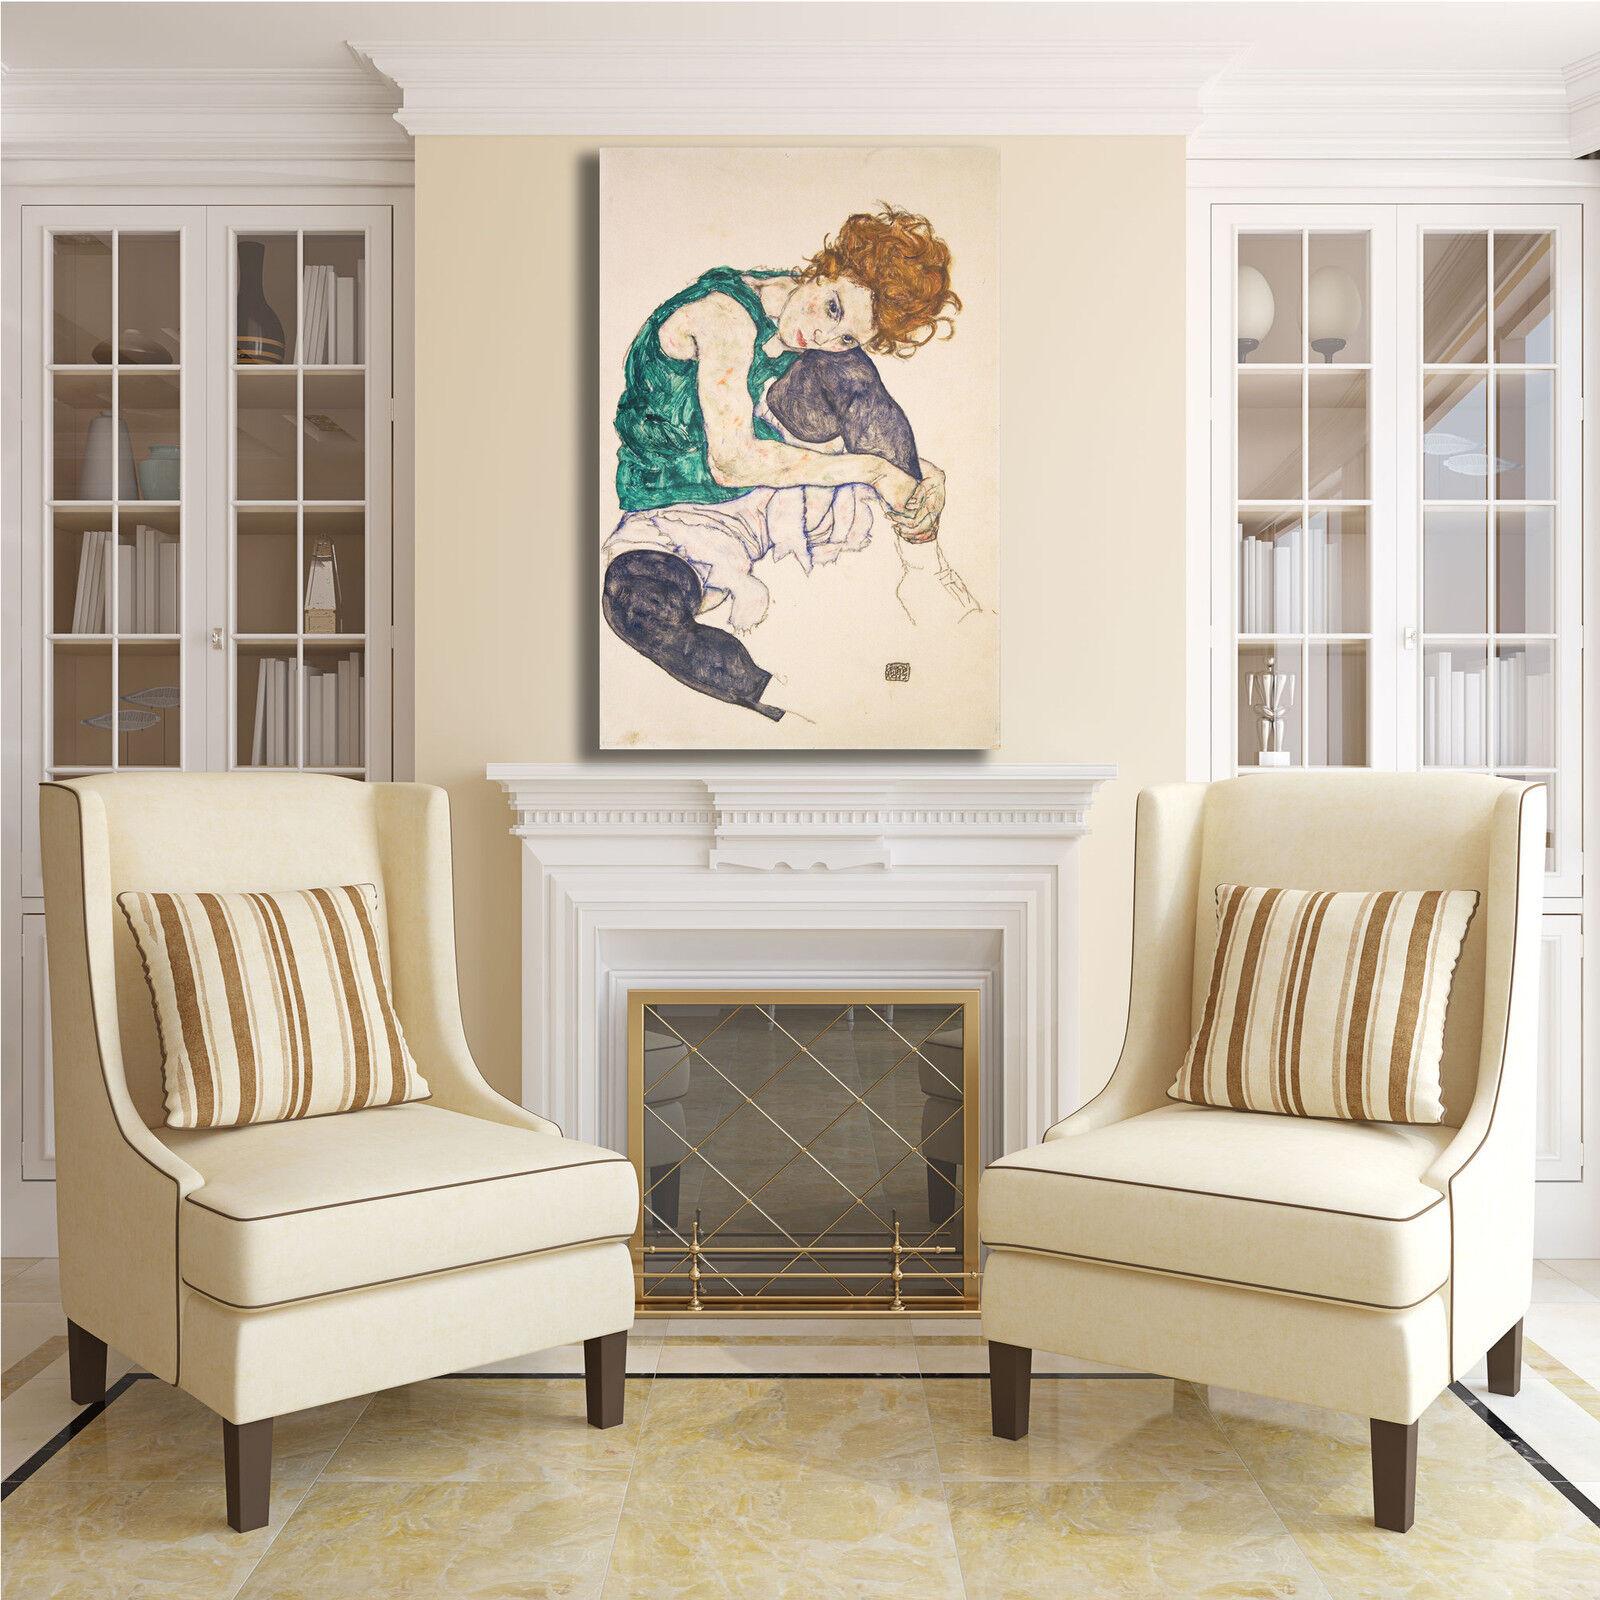 Schiele  a seduta design dipinto quadro stampa tela dipinto design telaio arRouge o casa b00190